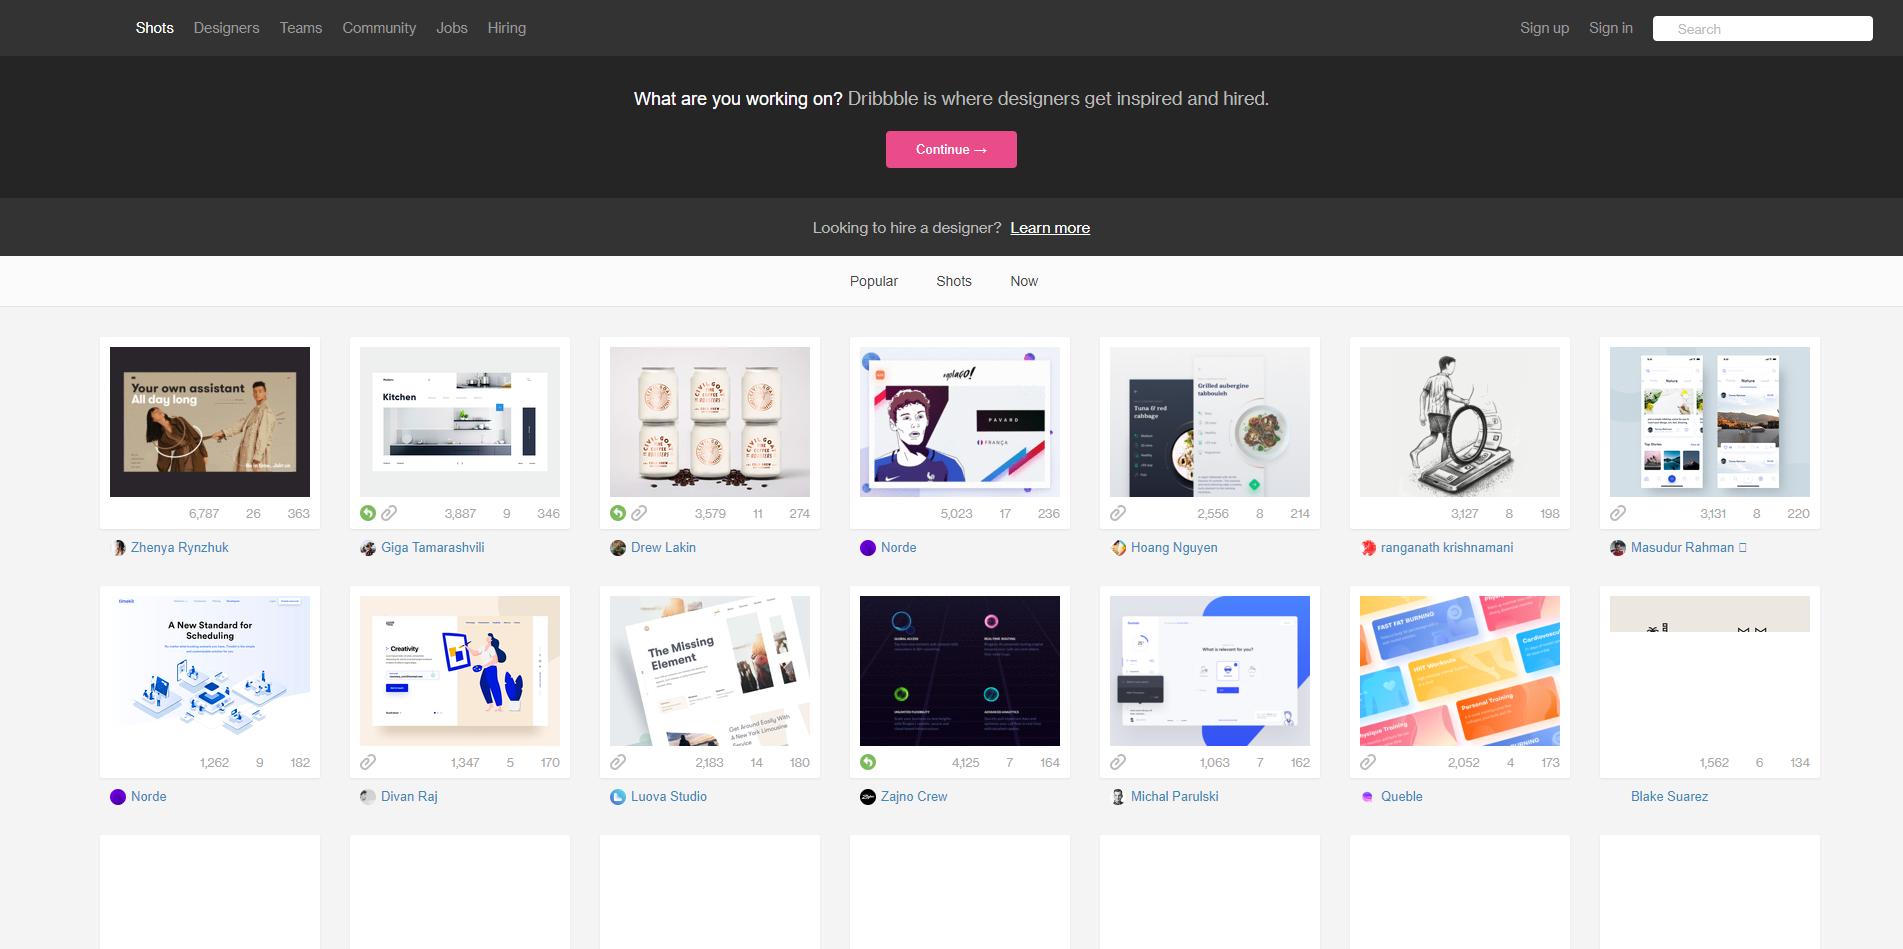 dribbble | 全球优秀设计师最佳交流展示平台